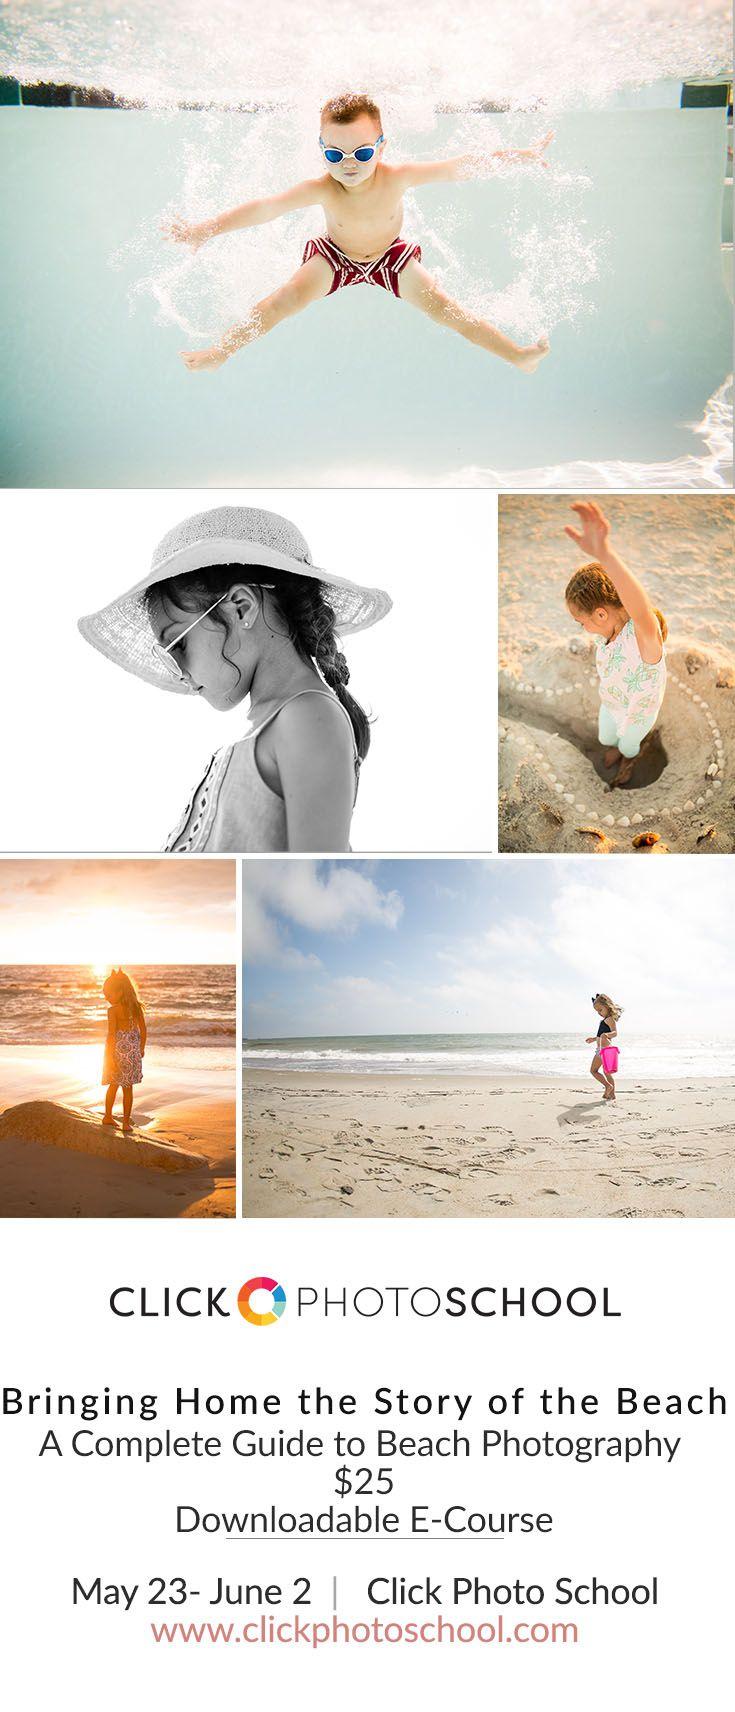 Beach Photography family |  Beach Photography ideas |  Beach Photography friends |  Beach Photography poses |  Beach Photography photo shoots |  Beach Photography photoshop |  Beach Photography photos |  Beach Photography photo ideas |  Beach Photography ideas for couples | Beach Photography ideas for teens | Beach Photography ideas for family | Beach Photography ideas for kids